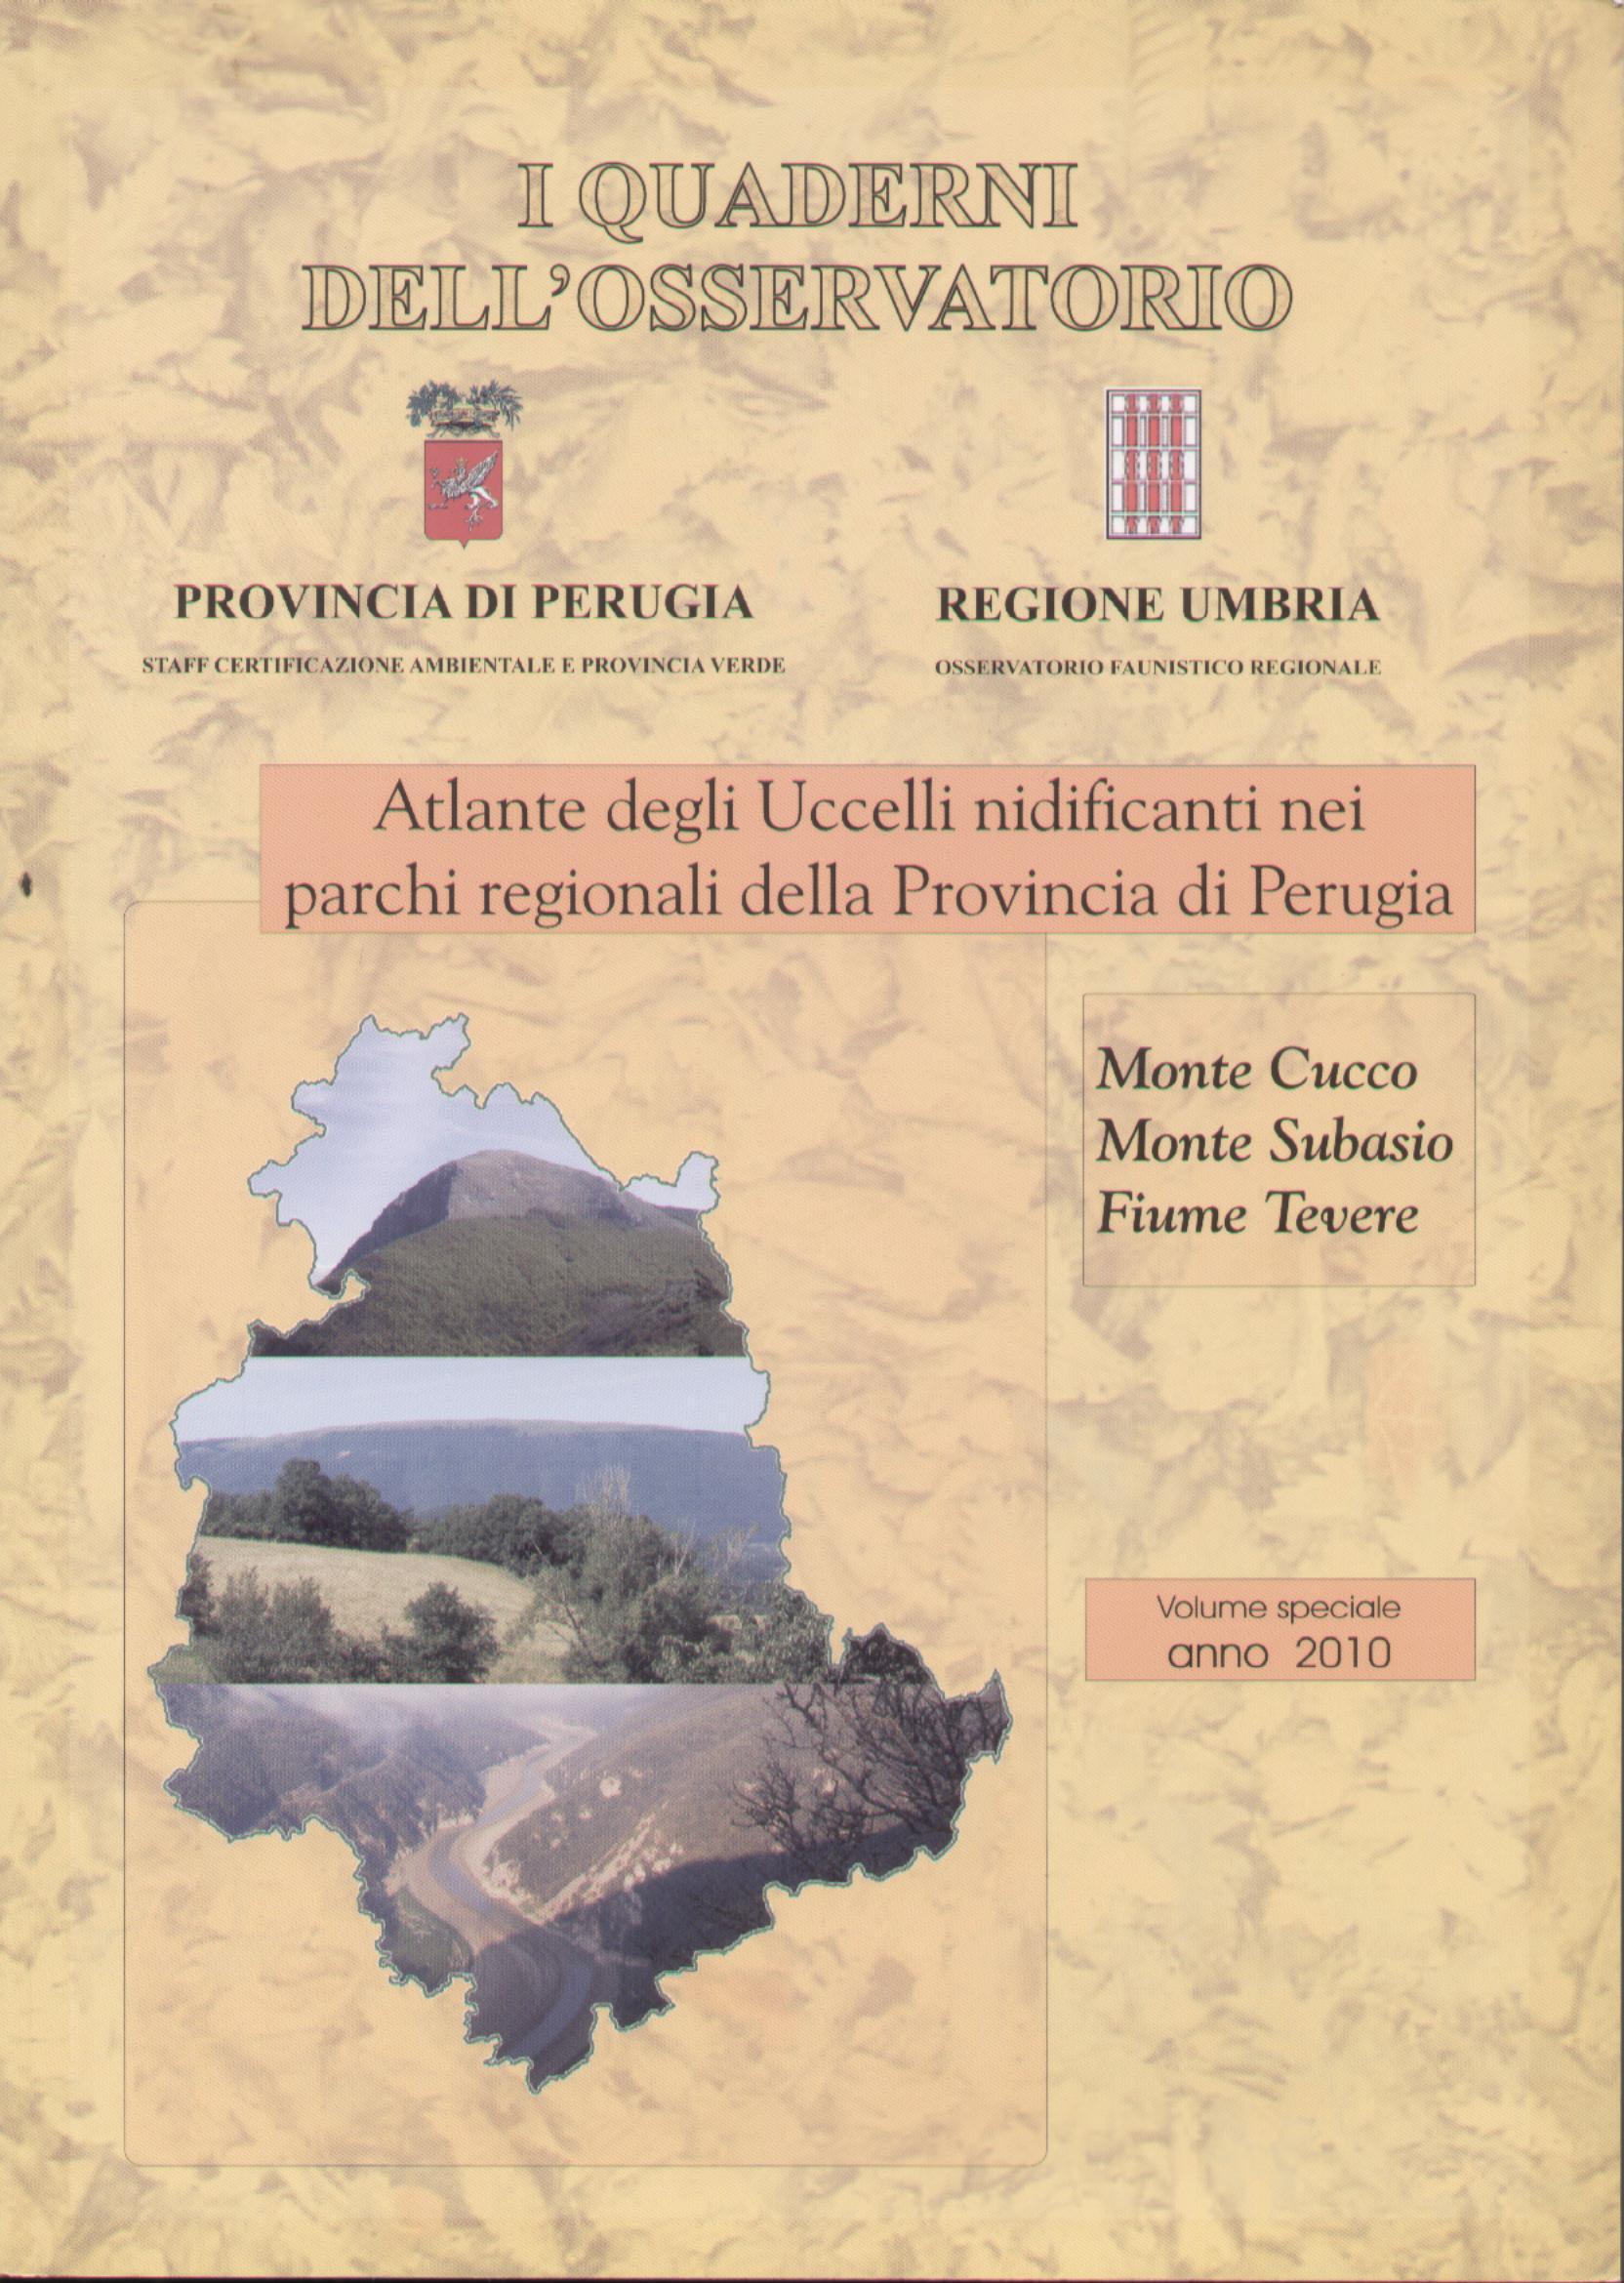 Atlante degli uccelli nidificanti nei parchi regionali della Provincia di Perugia